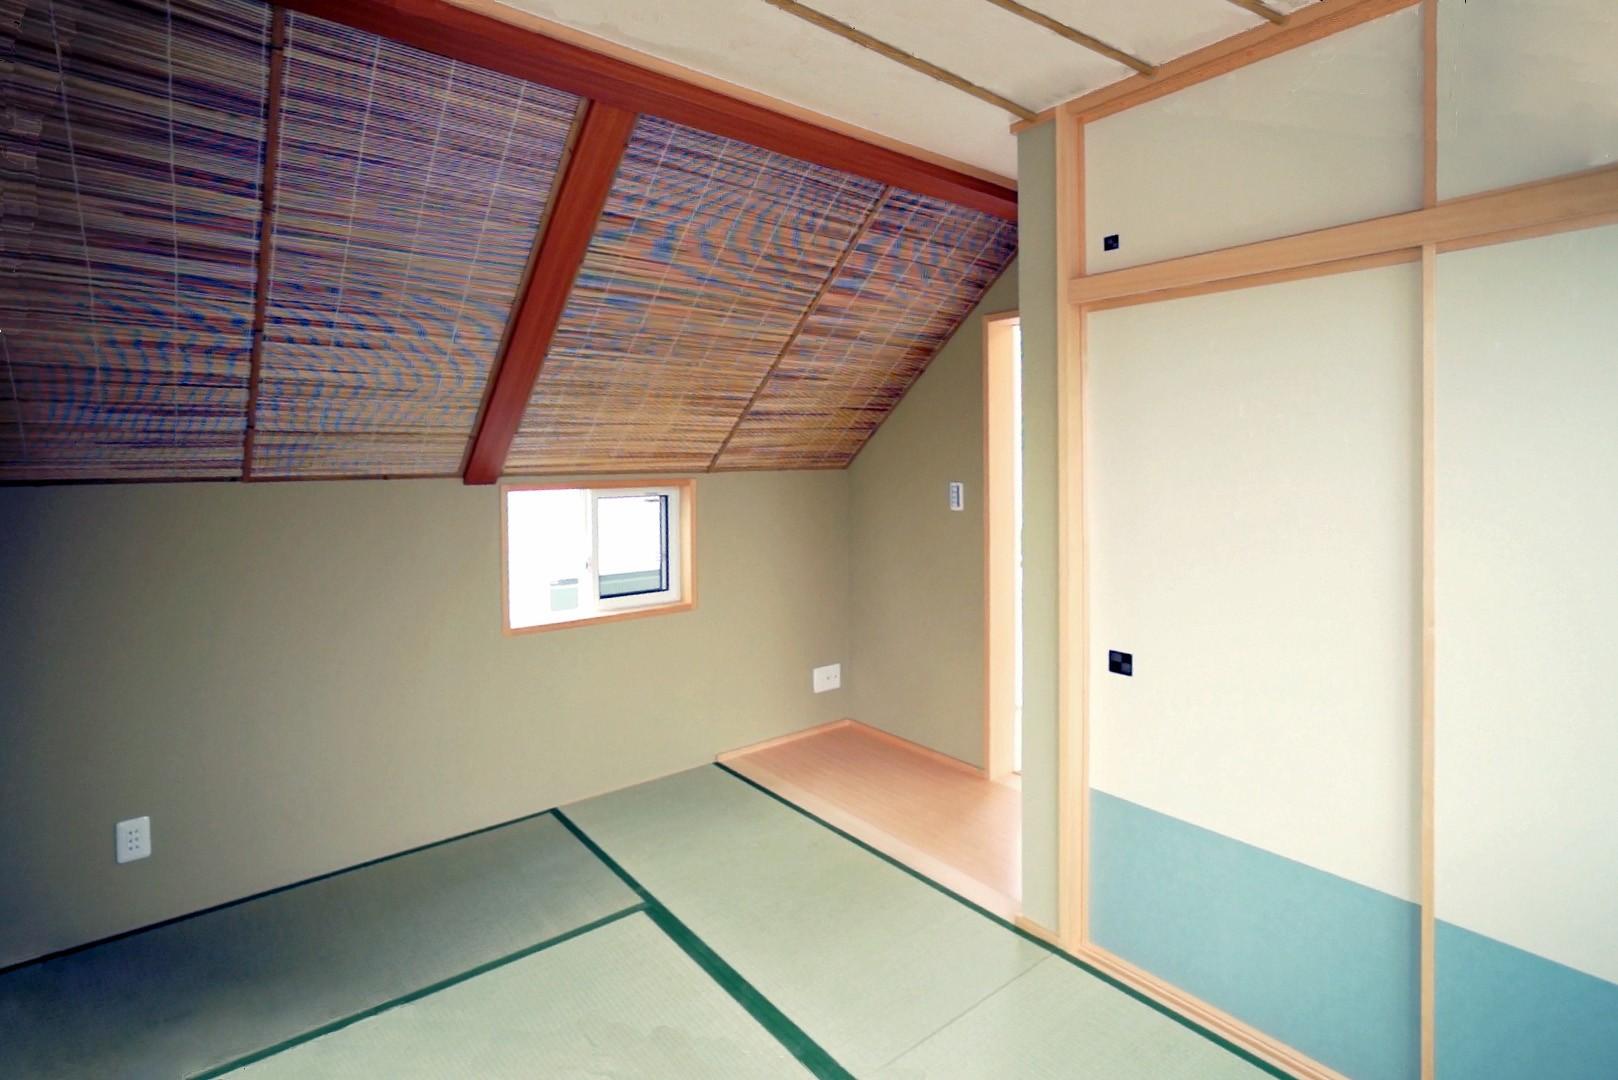 ベッドルーム事例:狭小住宅 東京(天然木羽目板とモザイクタイル貼りの、狭小住宅 東京)